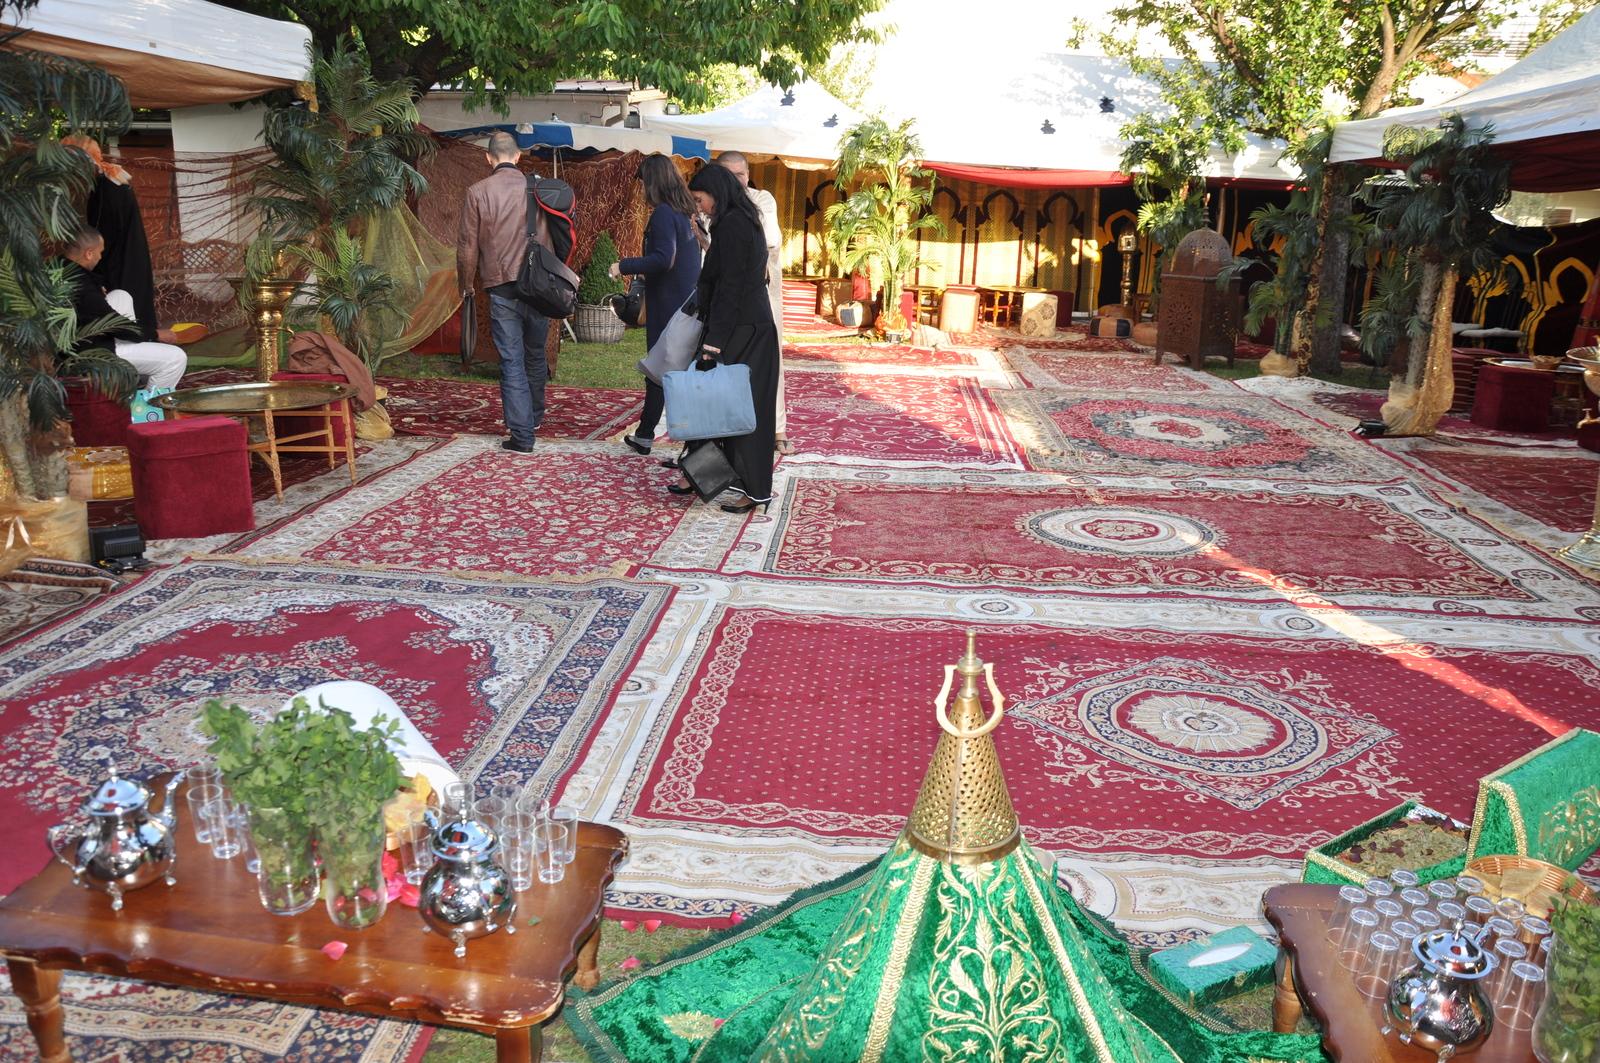 location et installation de Riad marocain pour soirée orientale avec tentes orientales- IDS ANIMATIONS